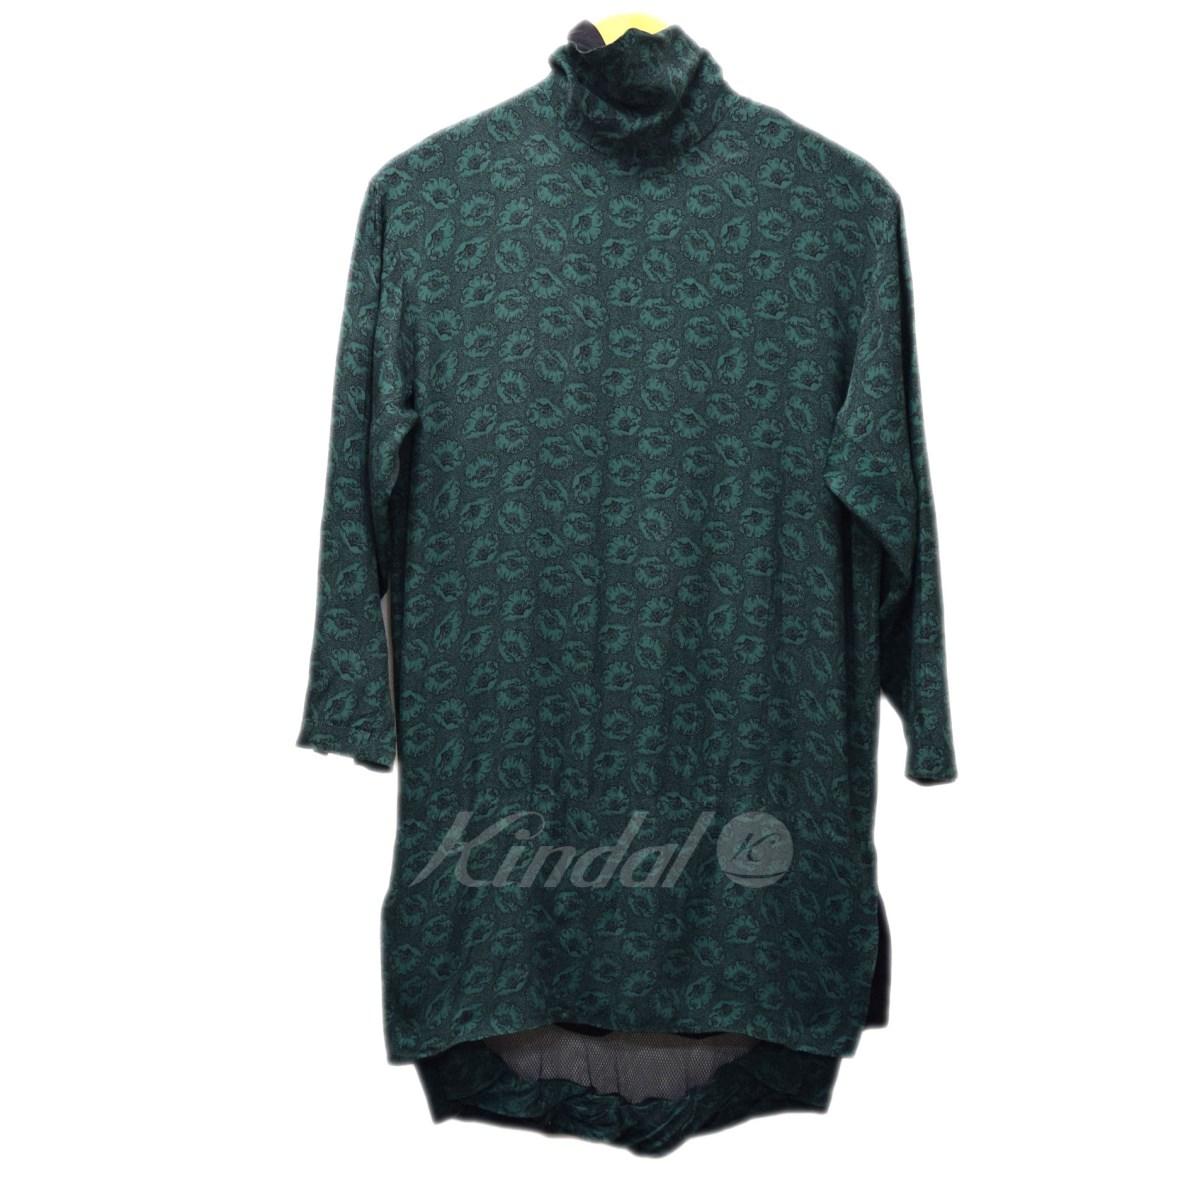 【中古】TOGA 2017AW Rayon Twill Dress レーヨンツイルドレス 【送料無料】 【003327】 【KIND1550】